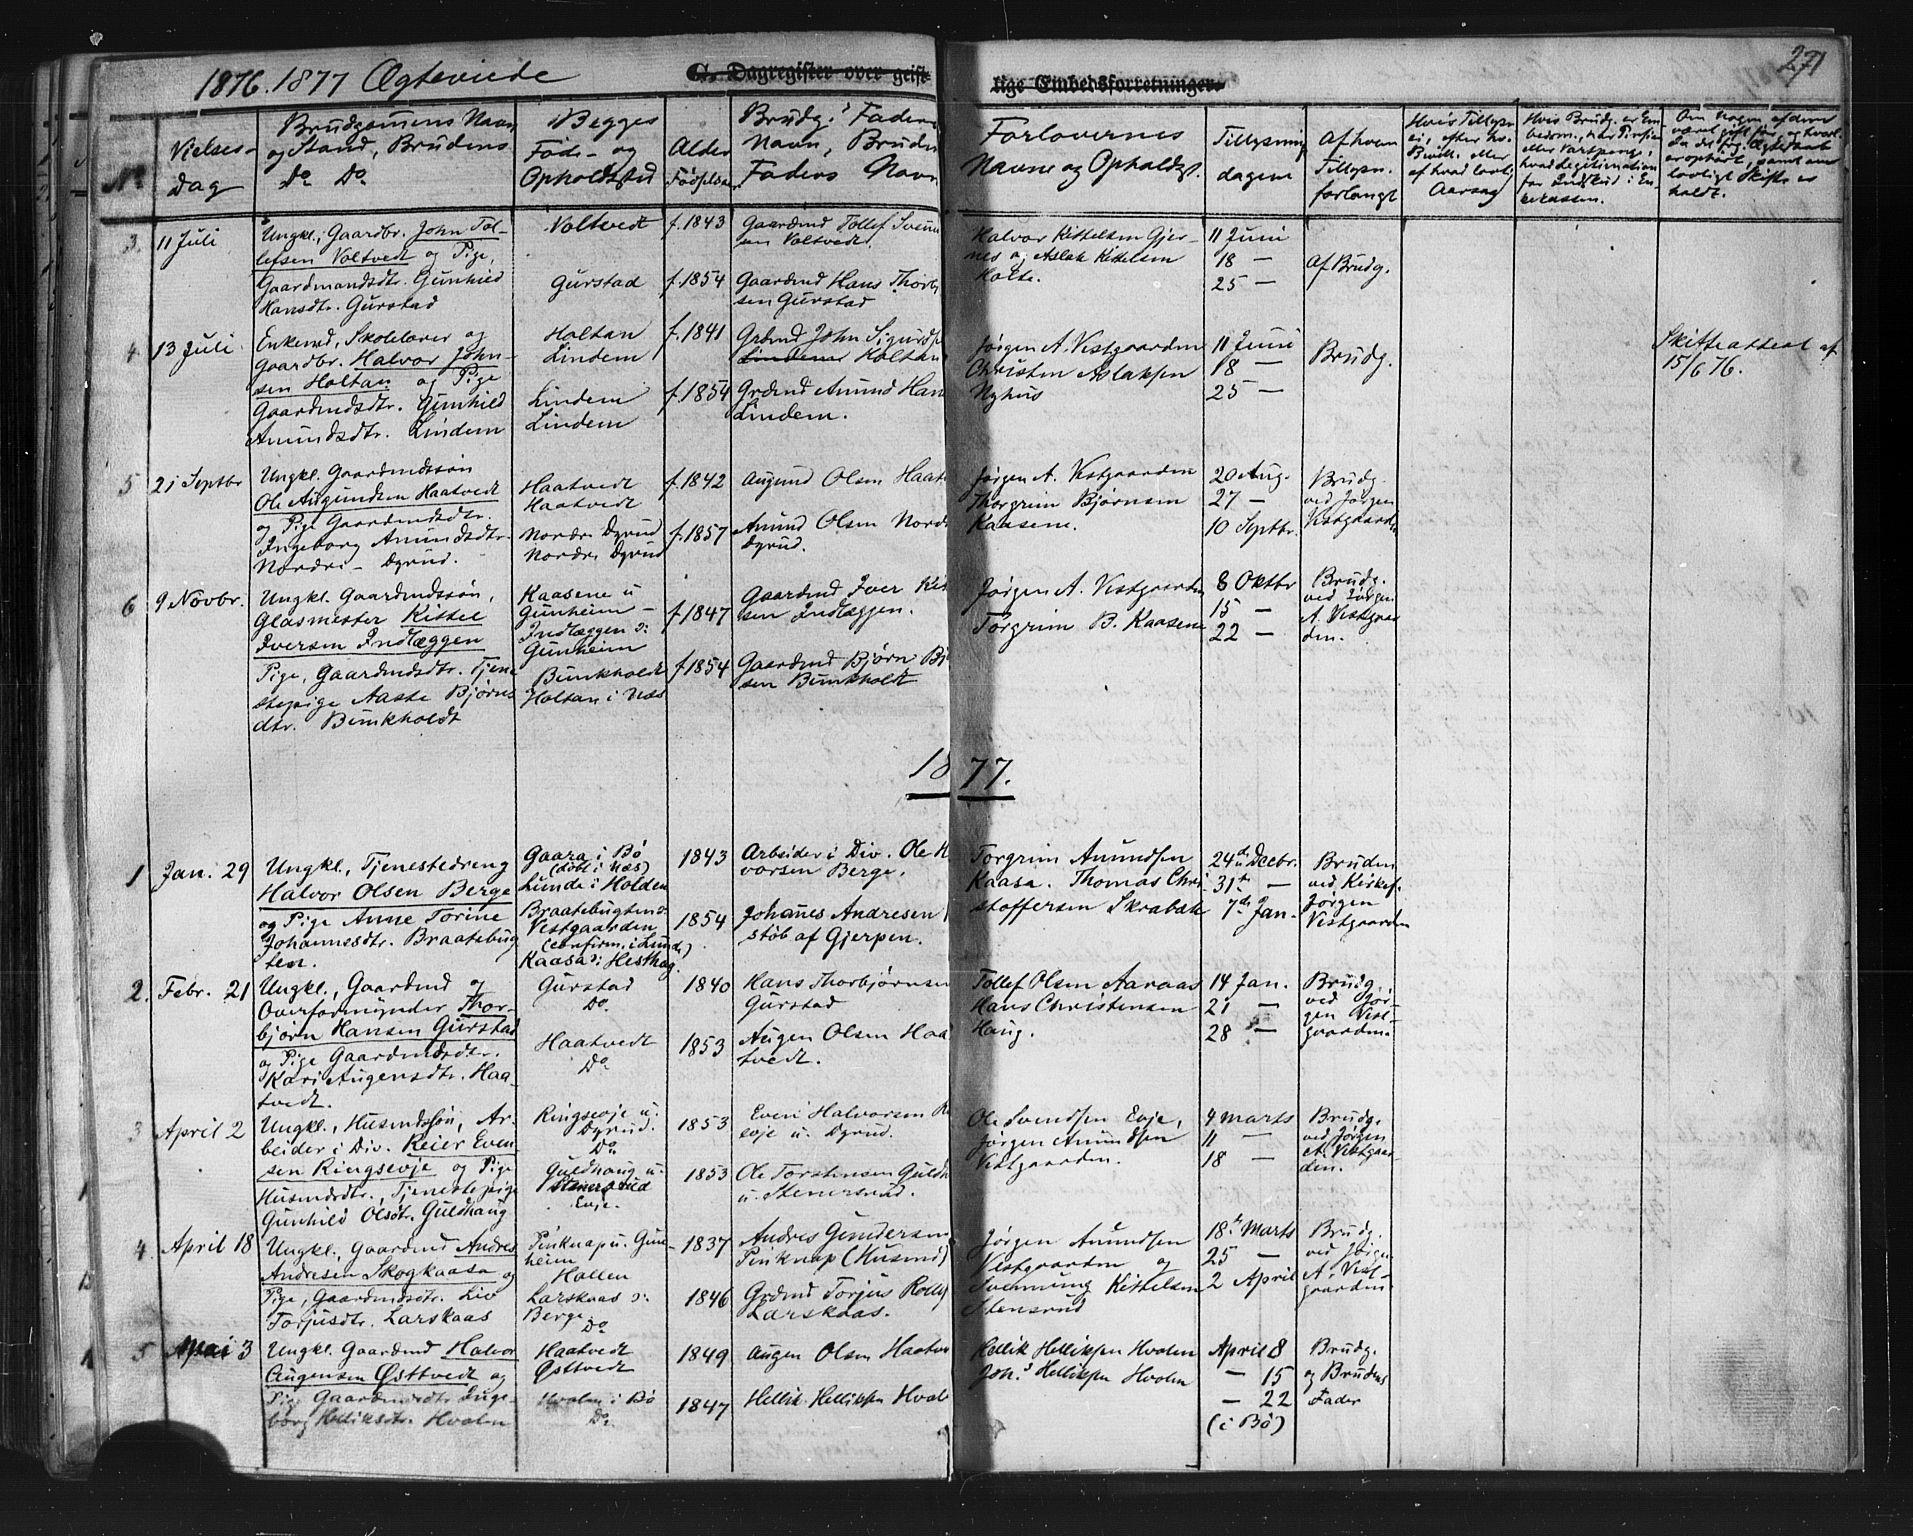 SAKO, Sauherad kirkebøker, F/Fb/L0001: Ministerialbok nr. II 1, 1851-1877, s. 271